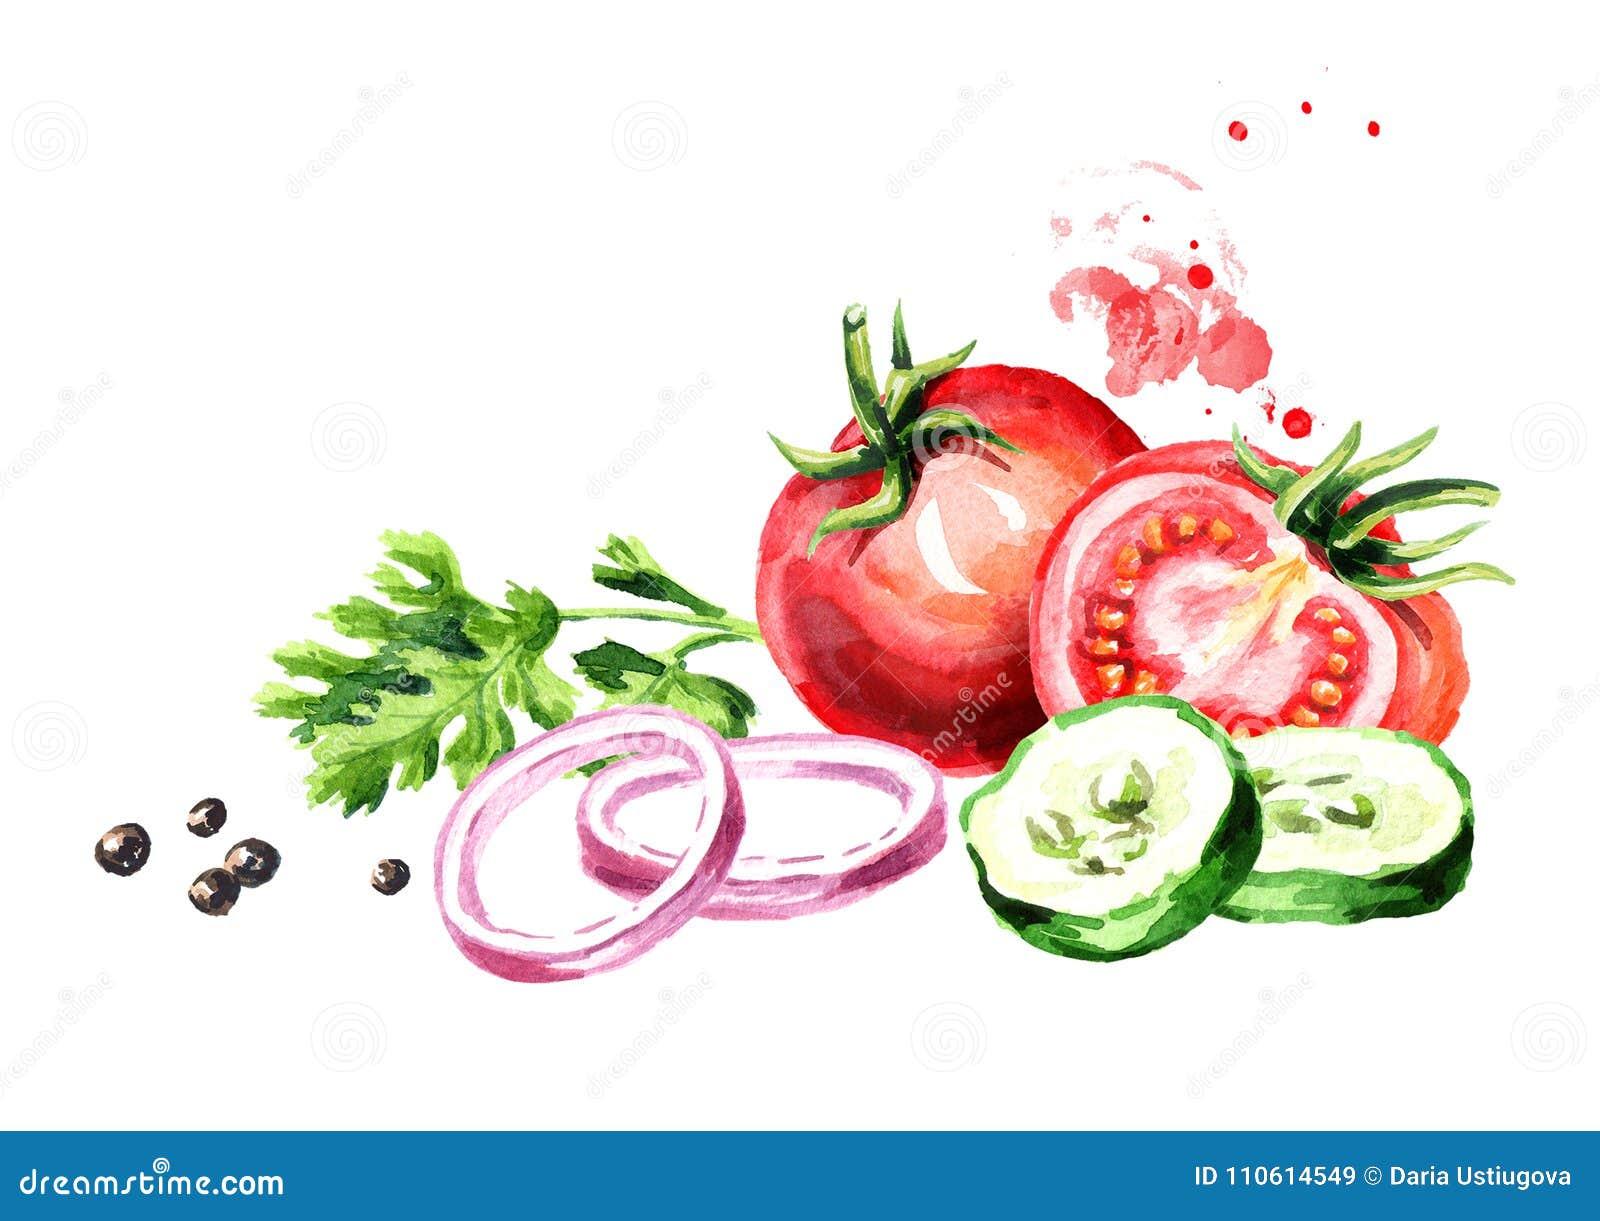 Verse groententomaten, komkommer, ui, peterselie, koriander, koriander, peper geïsoleerde waterverfhand getrokken illustratie,